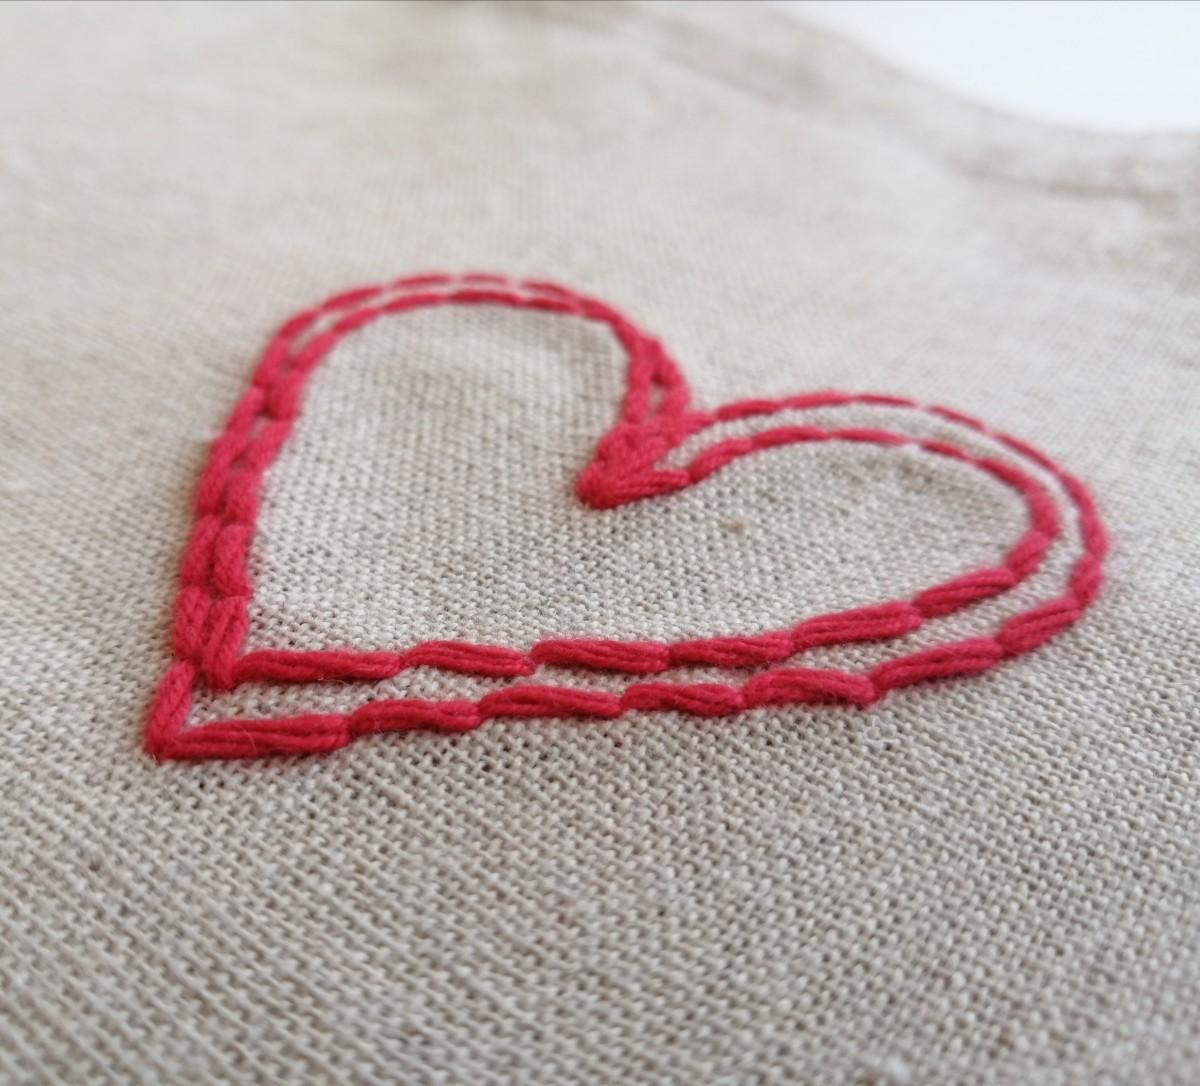 ハンドメイド 赤いハート 手縫いの刺繍 ワイドマチのトートバッグ エコバッグ ショルダーバッグ